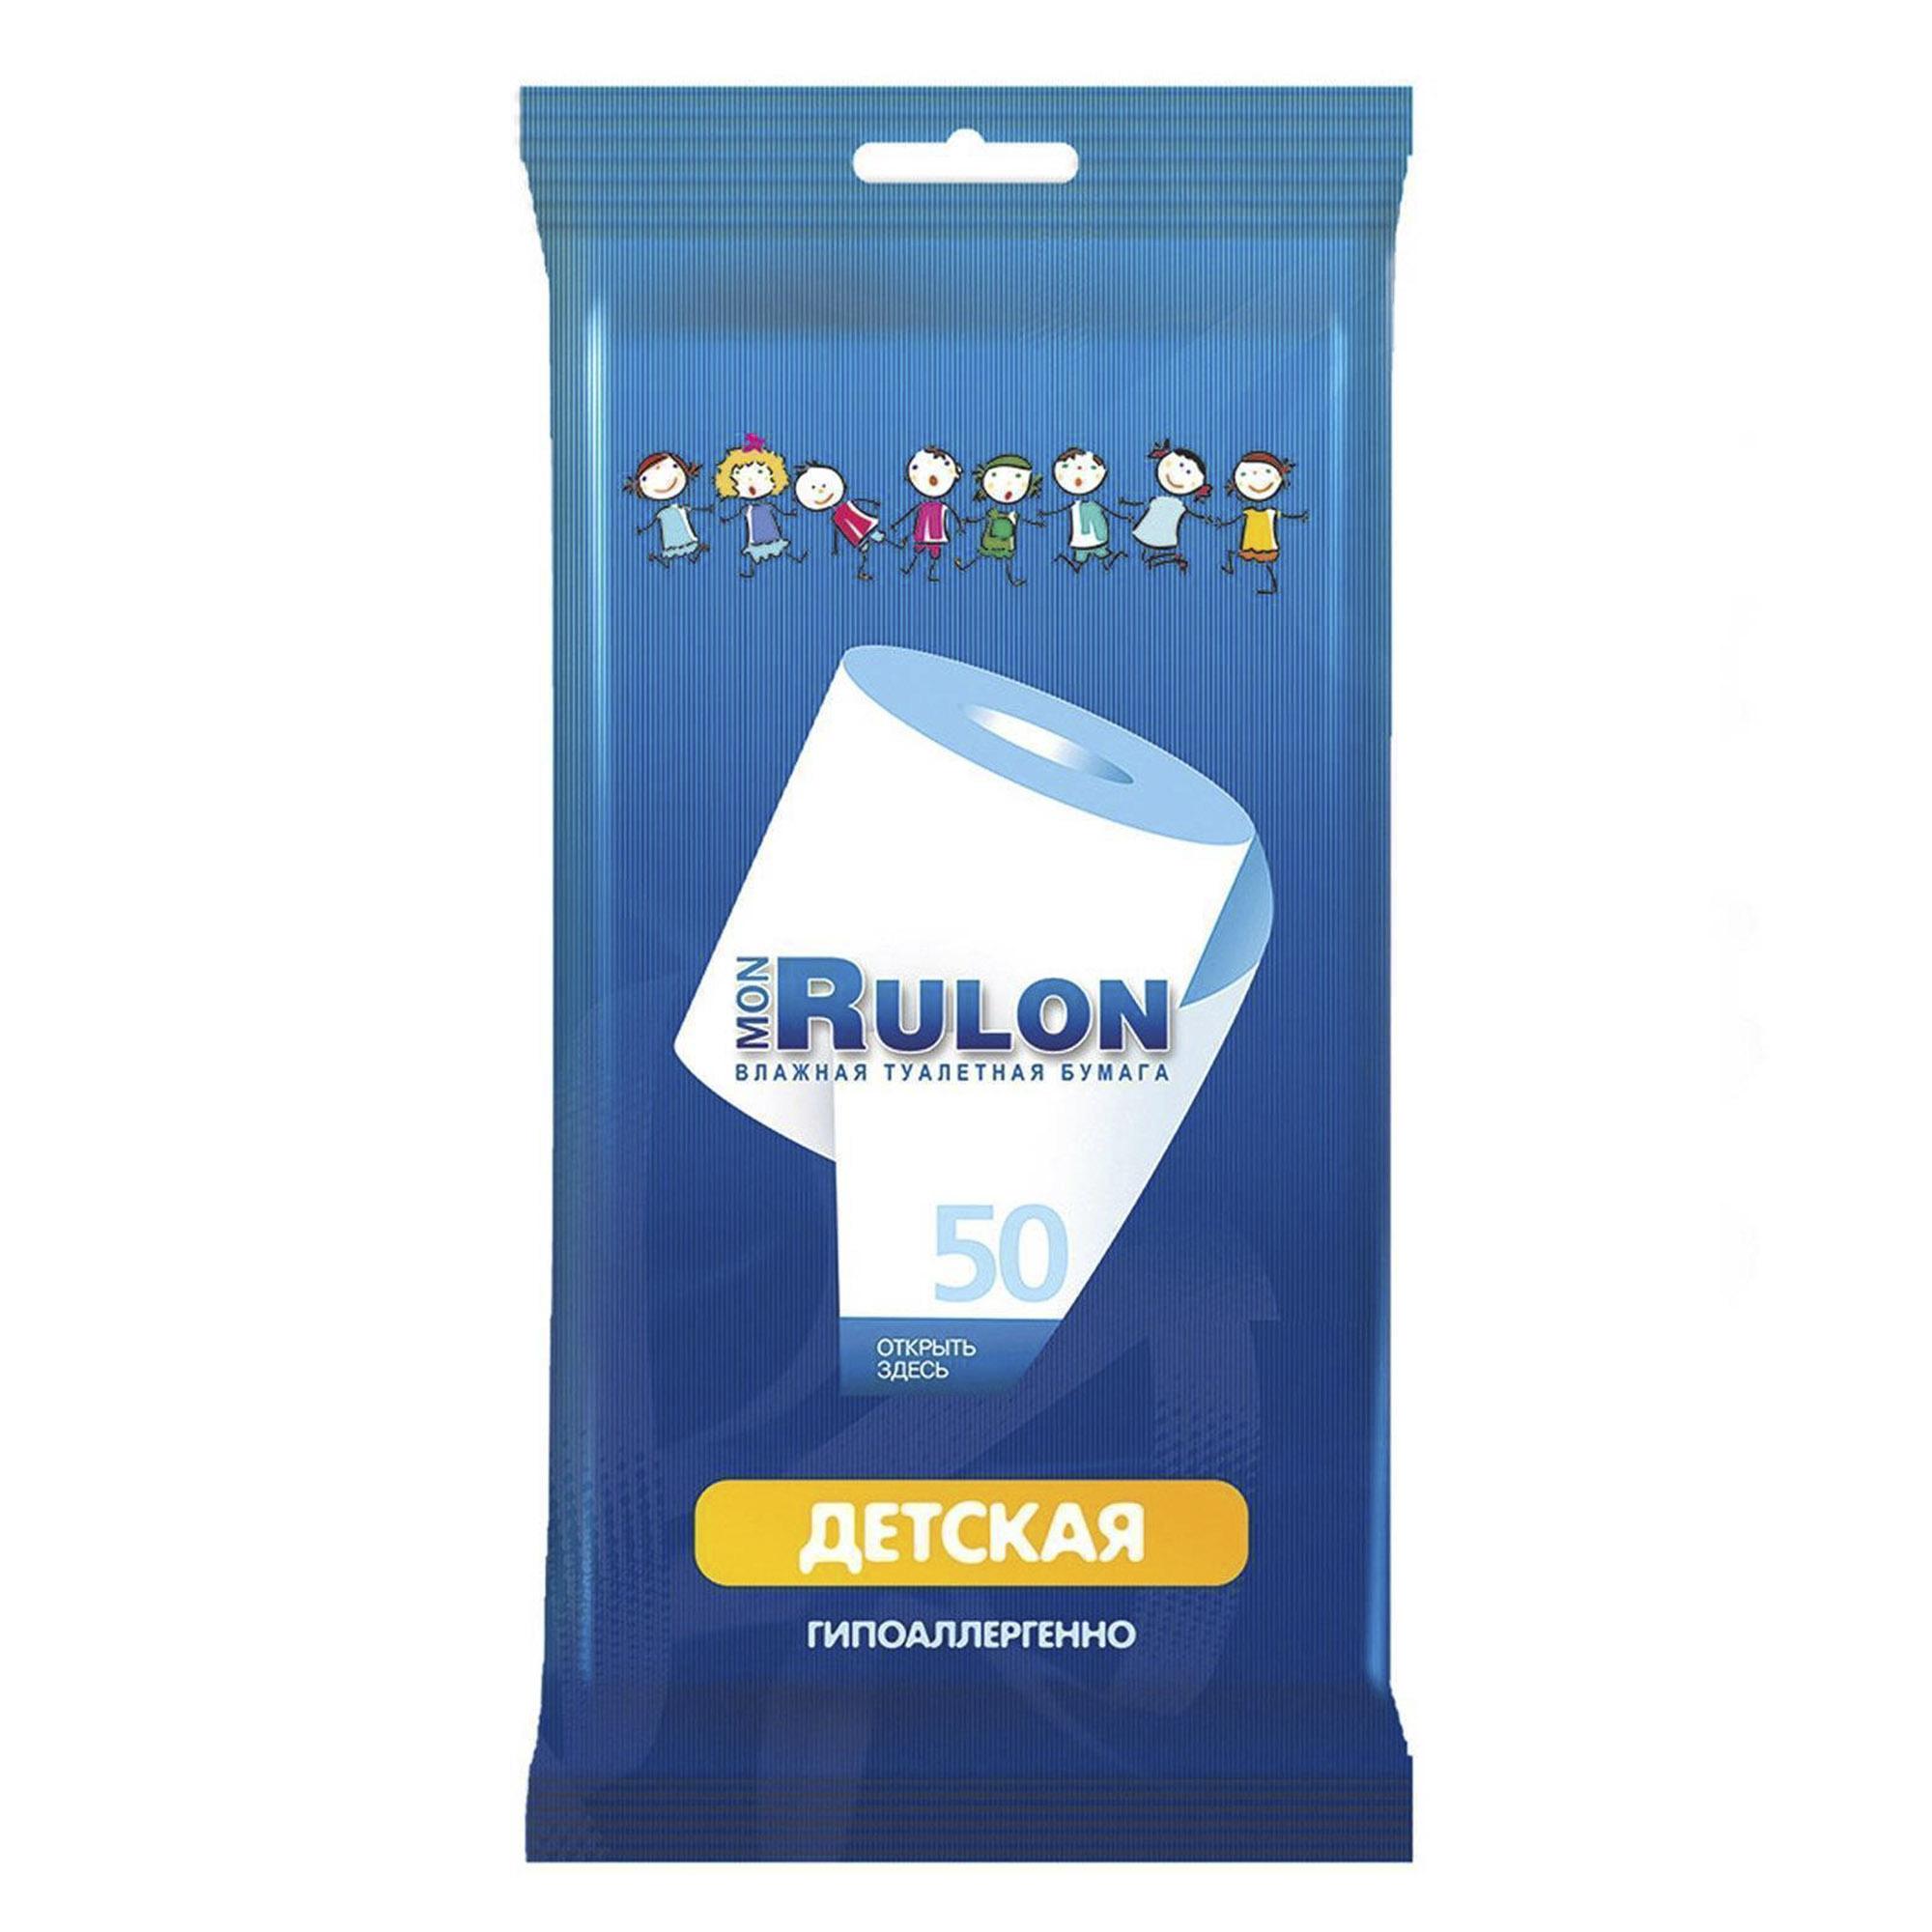 Влажная туалетная бумага детская Mon Rulon 50 шт.